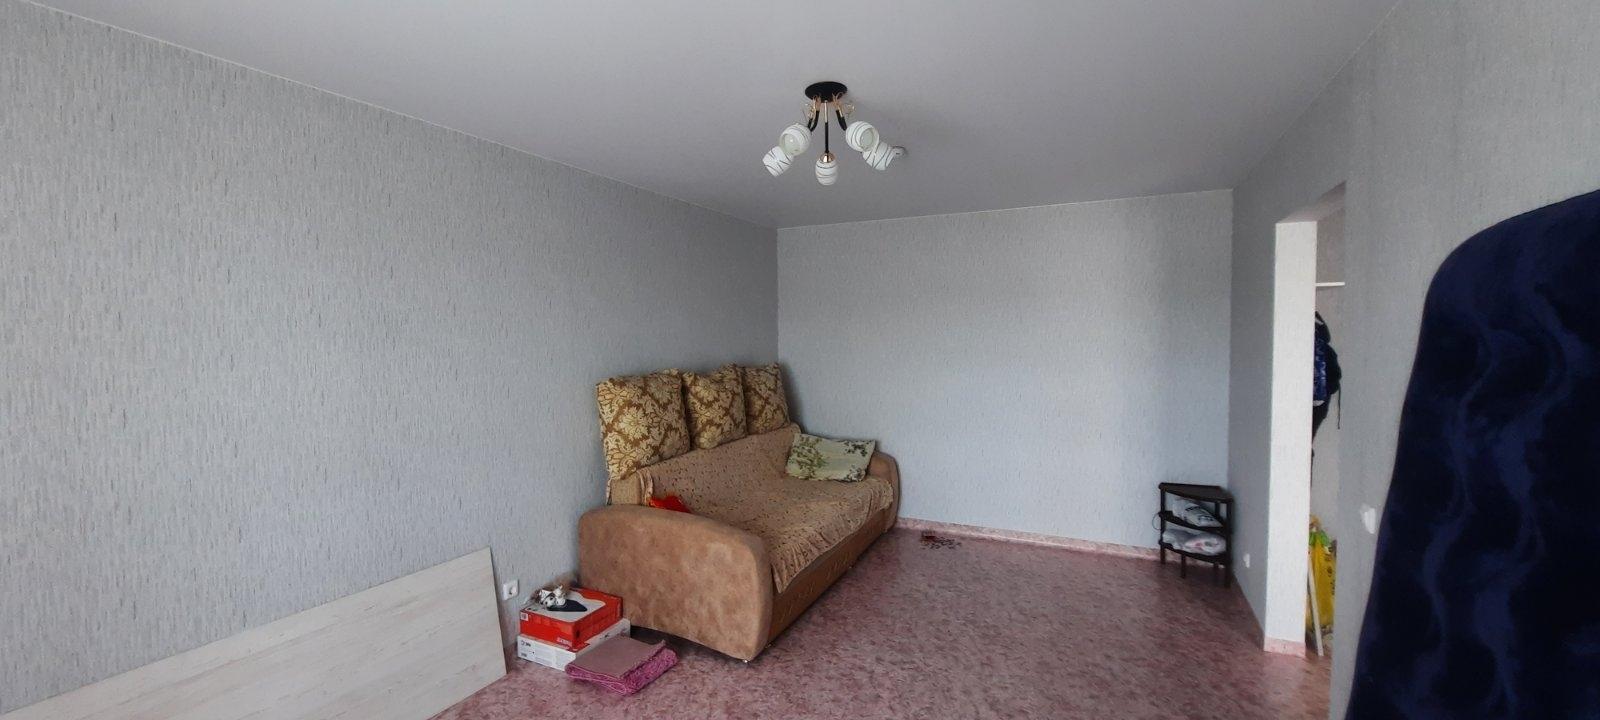 1к квартира улица Норильская, 9 строение 20   15000   аренда в Красноярске фото 1